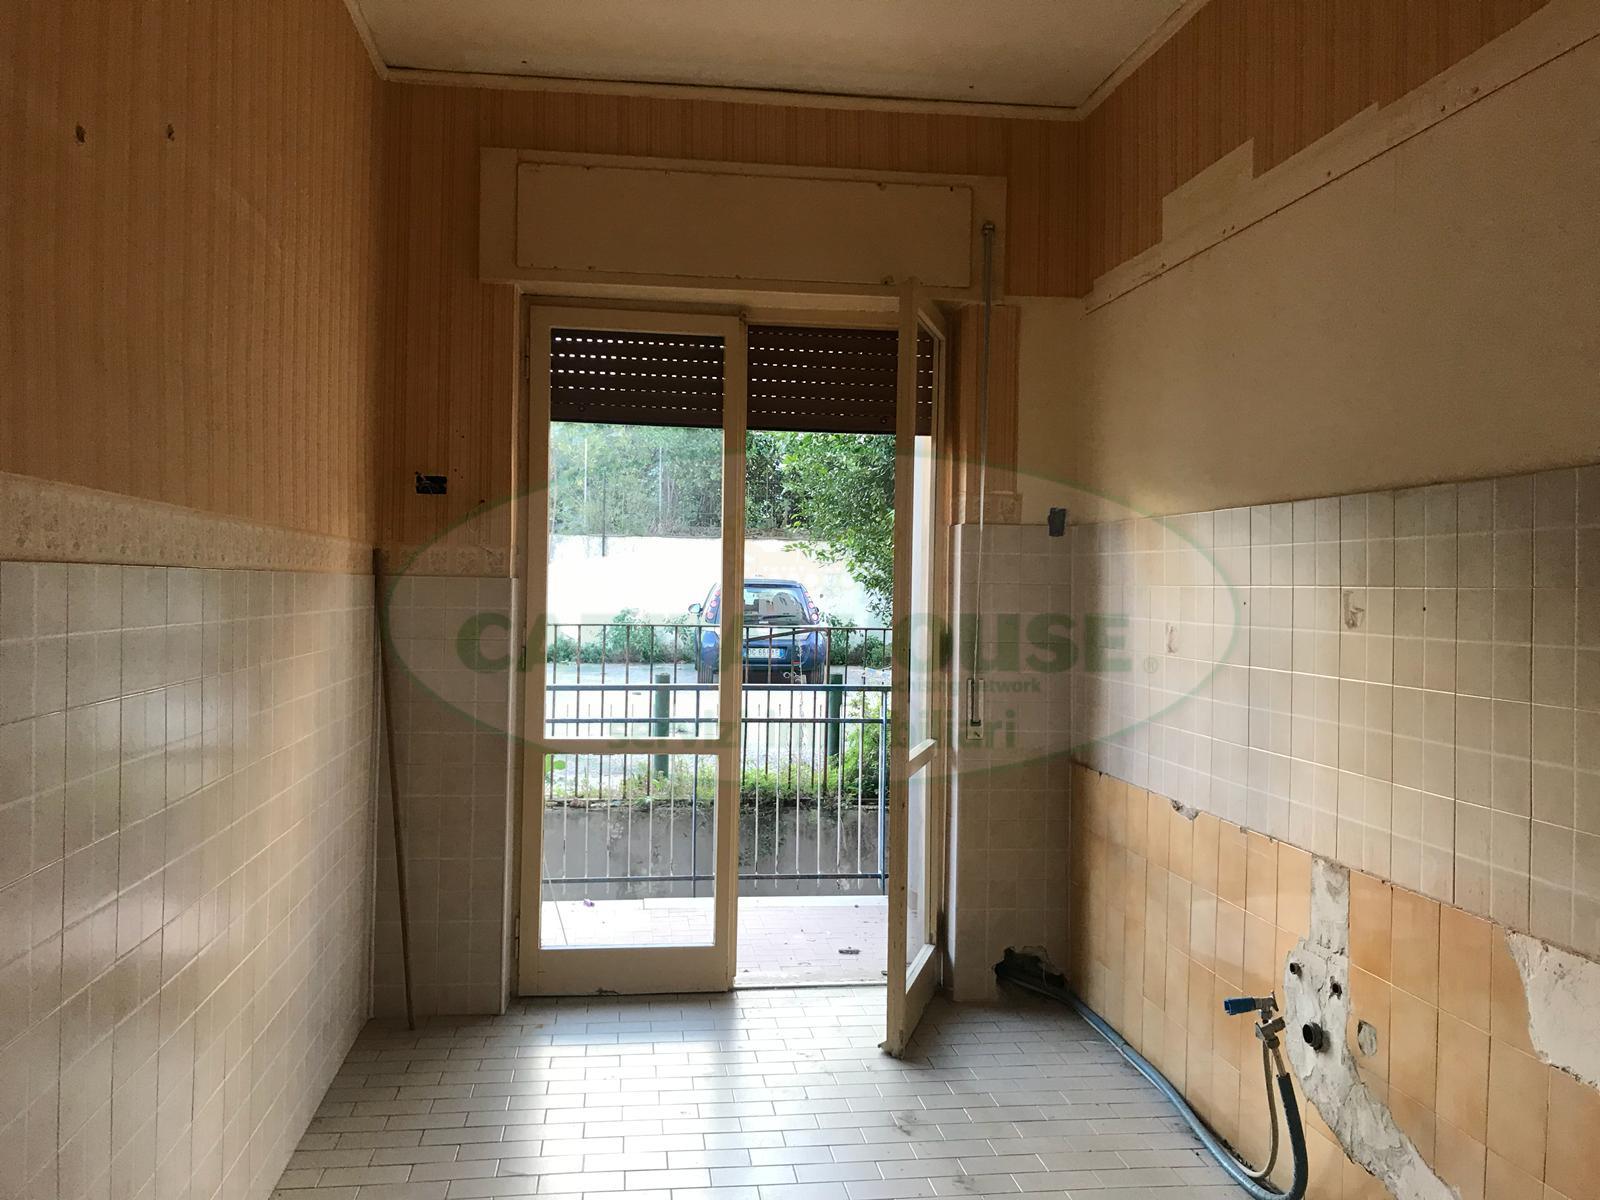 Appartamento in affitto a Afragola, 3 locali, zona Località: CorsoVittorioEmanuele, prezzo € 370 | CambioCasa.it